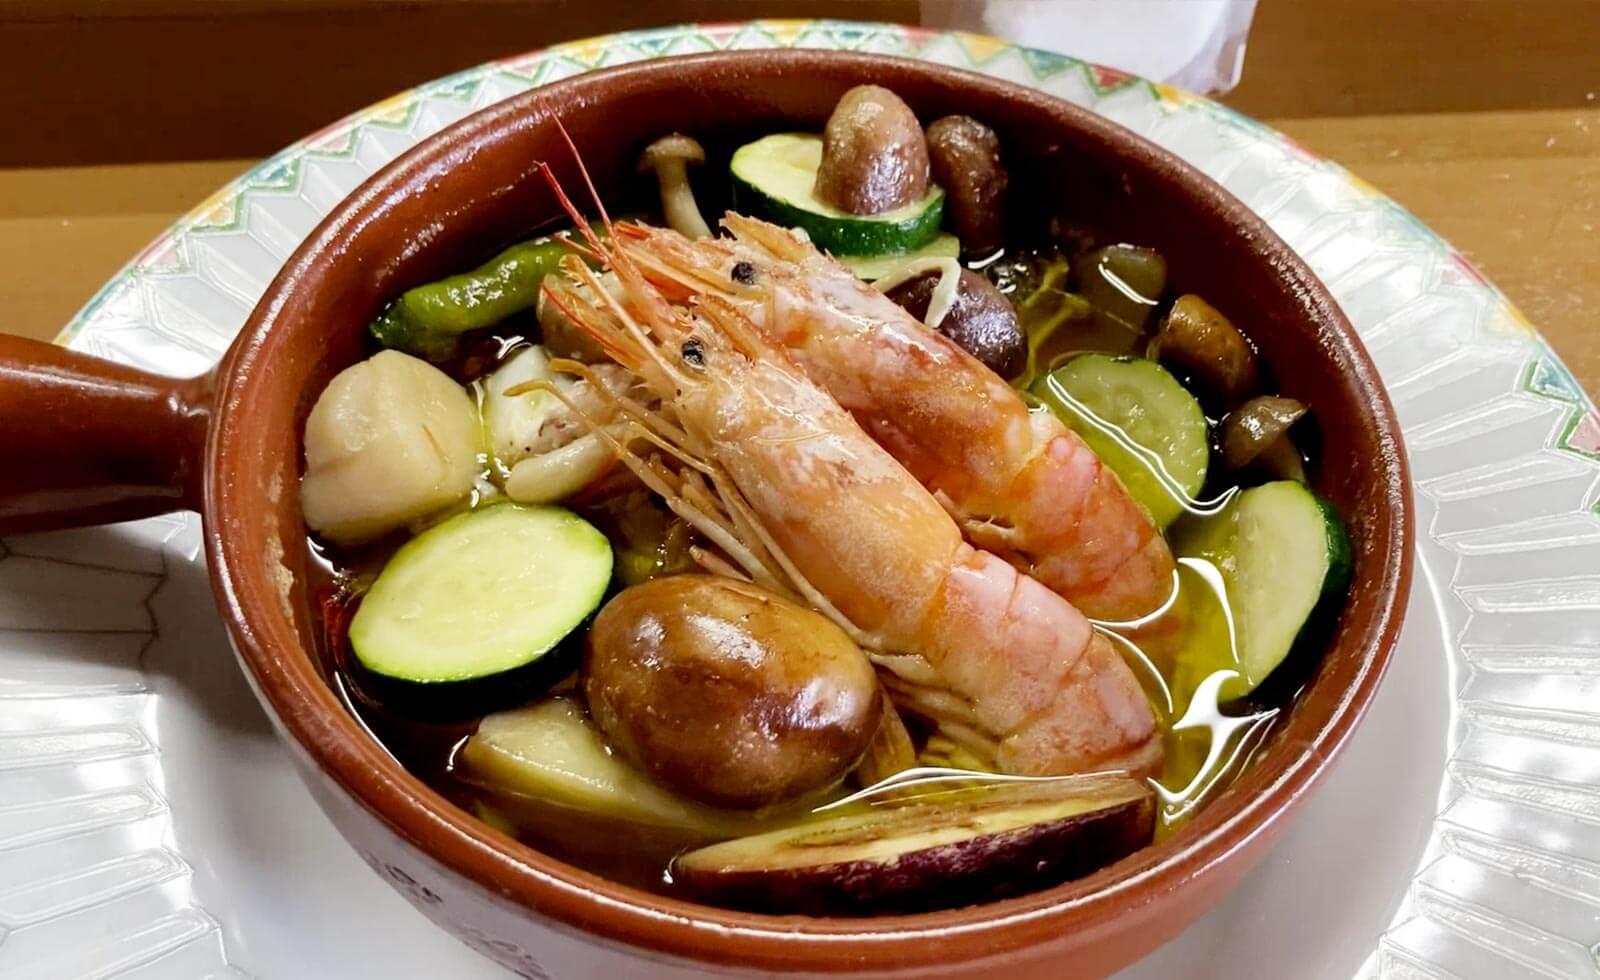 【シェフが教えるレシピ】おうちにある魚介や野菜を使って作る、美容と健康・疲労回復に食べたい「塩麹アヒージョ」